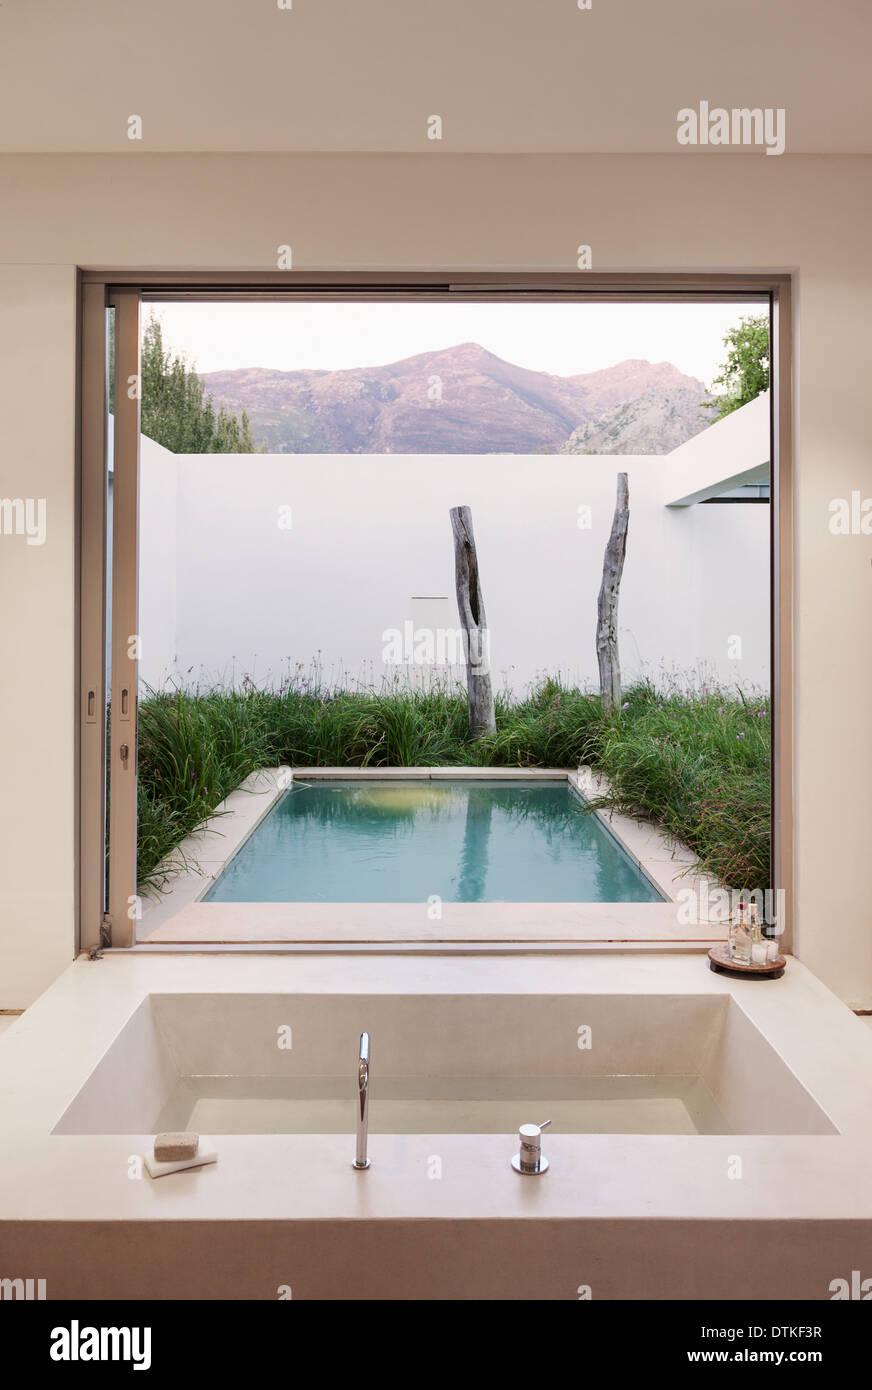 Salle De Bain De Luxe En Pierre ~ salle de bains moderne avec vue sur piscine et montagne banque d